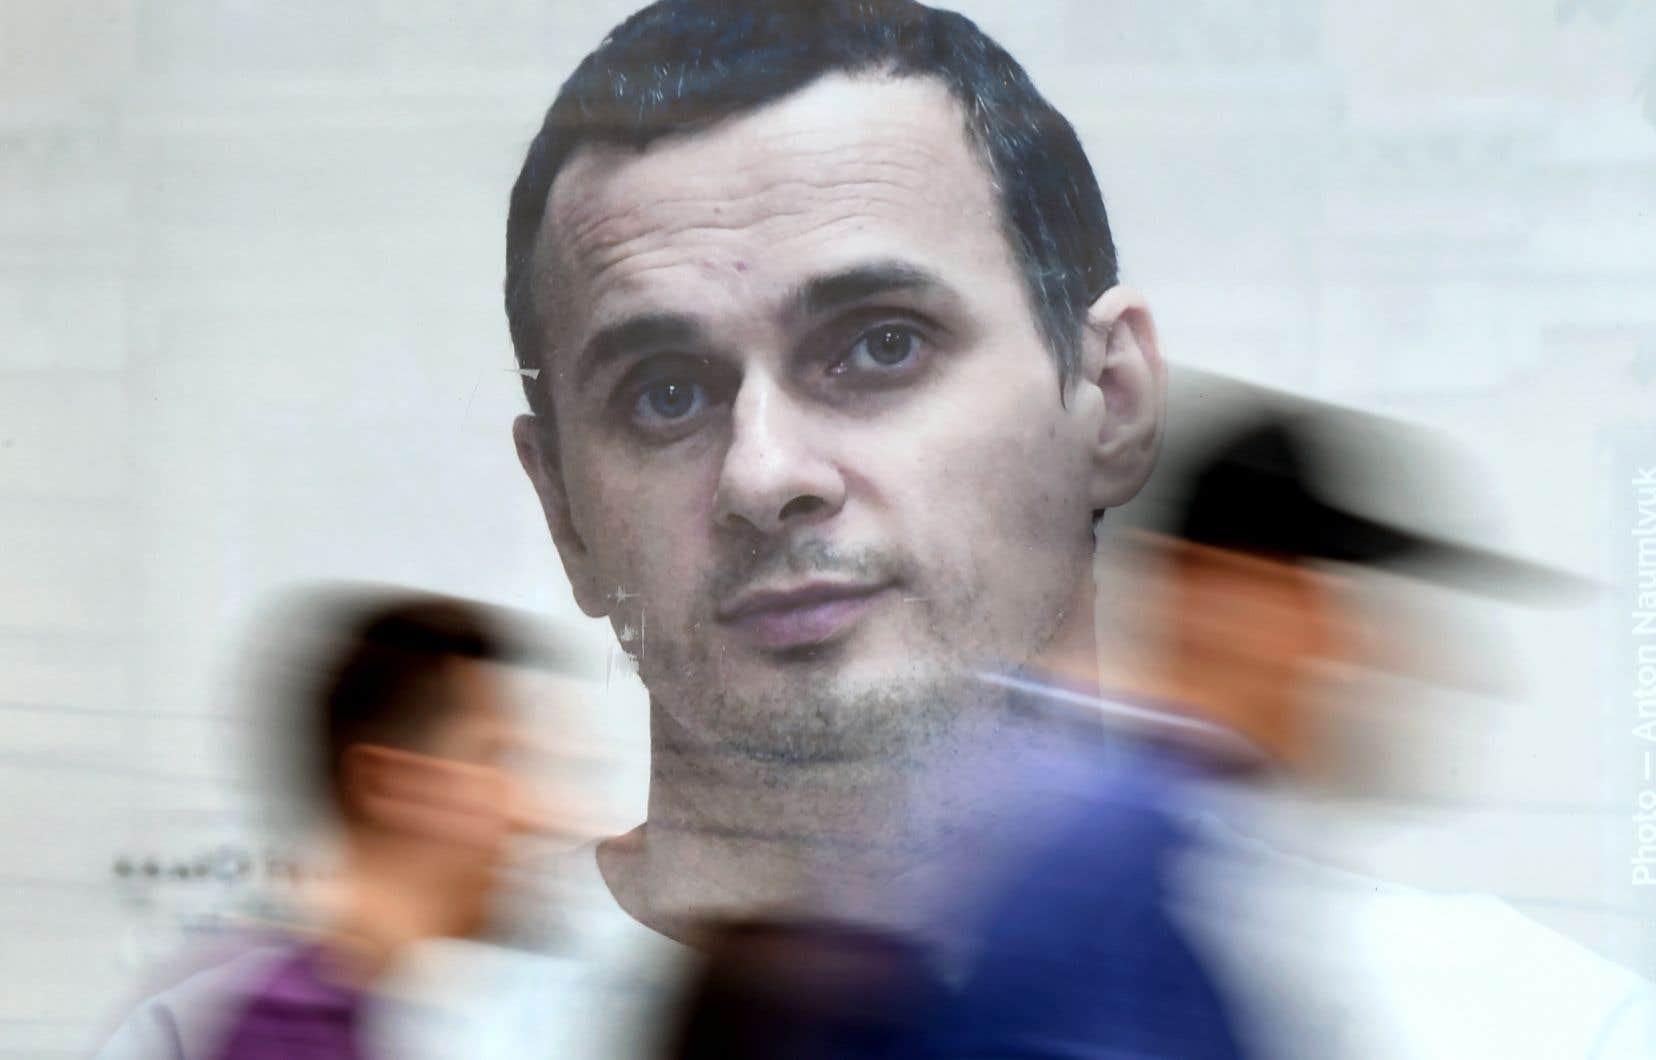 Oleg Sentsovest détenu dans la colonie pénitentiaire russe de Labytnangui, au-delà du cercle polaire arctique.